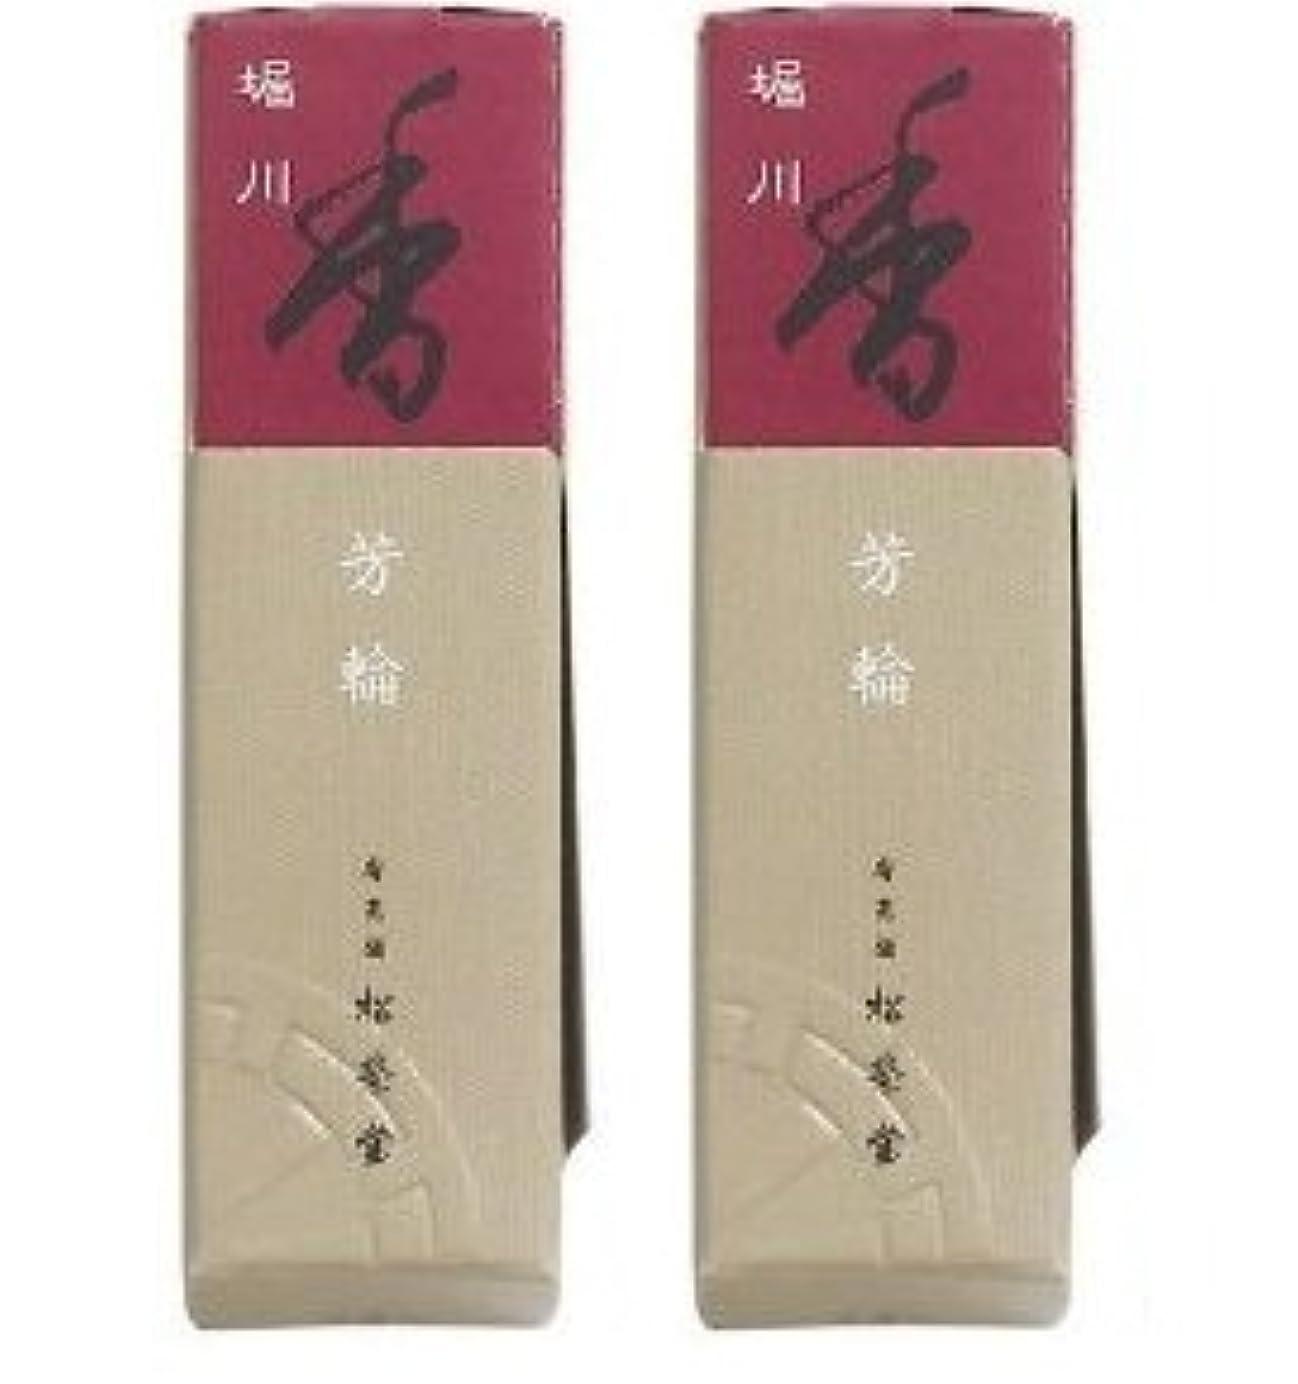 セール武器あえて松栄堂 芳輪 堀川 スティック20本入 2箱セット